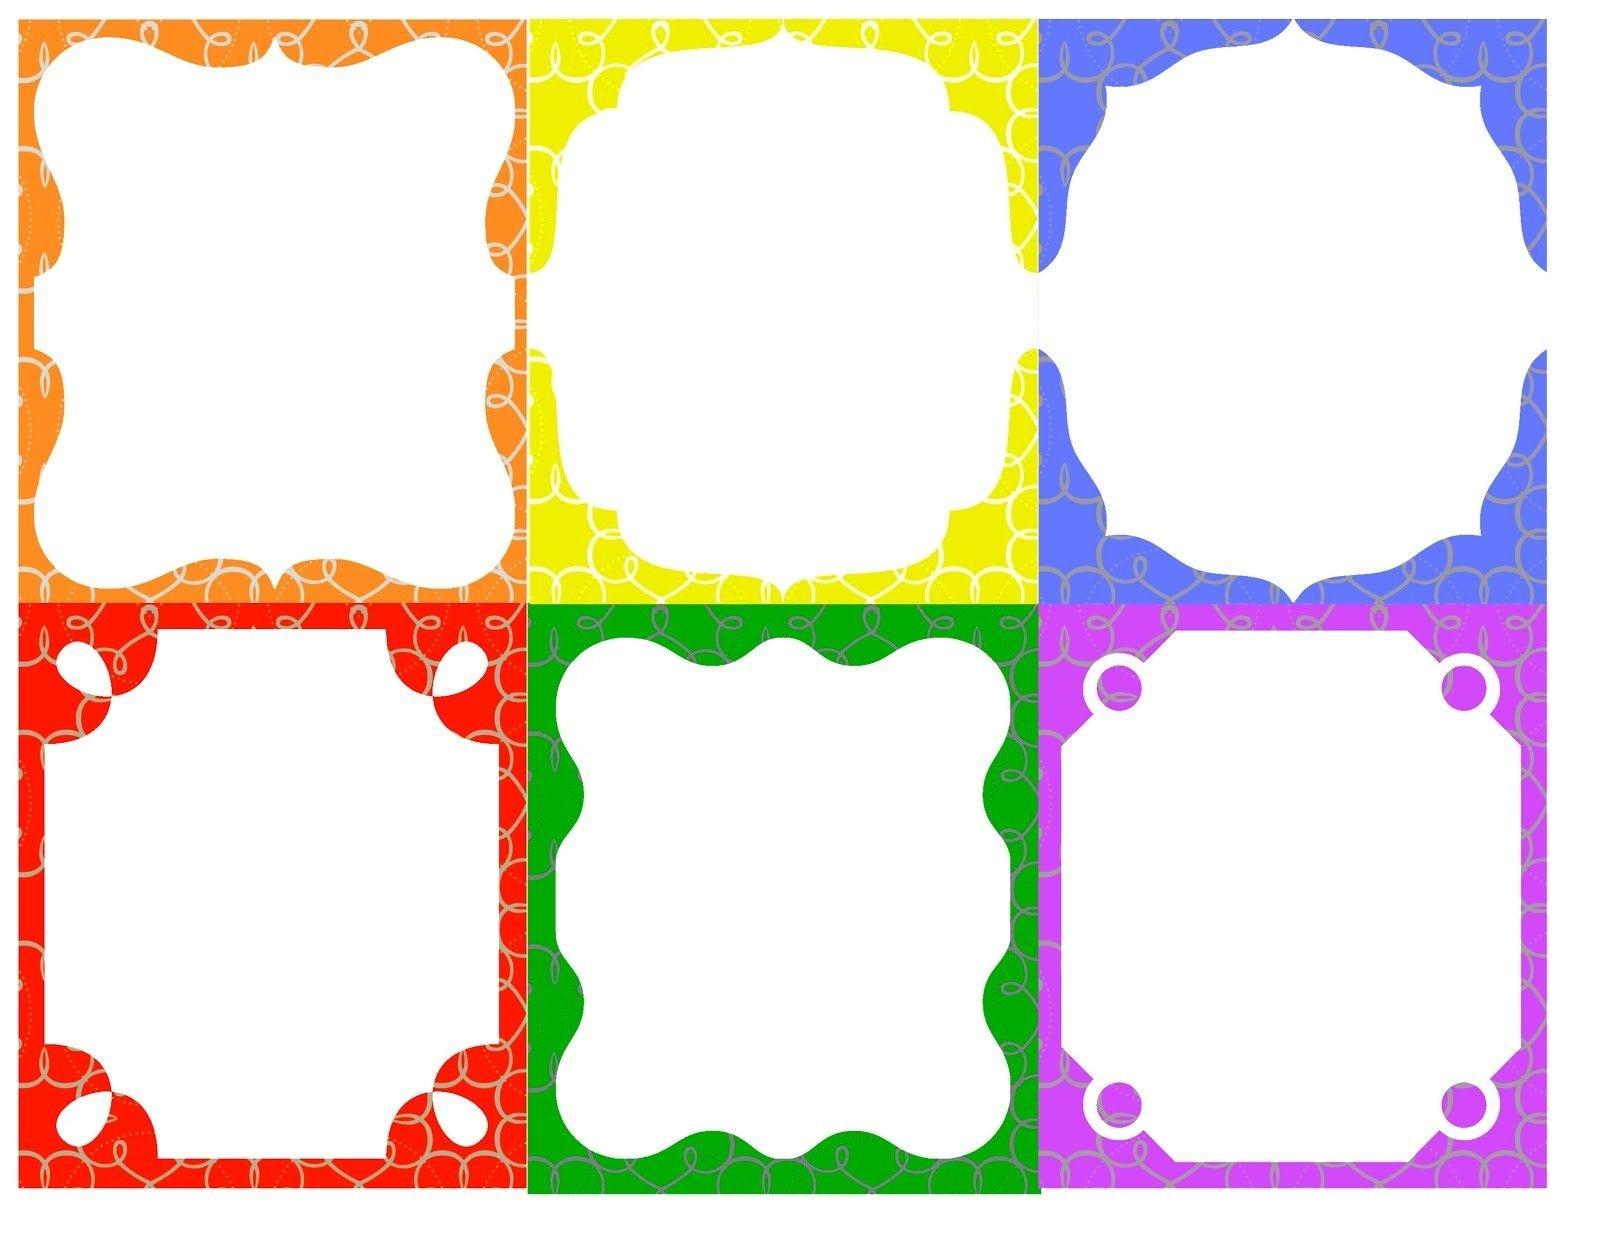 Name+Tag+Templates+Printable+For+Kids | Name Tags | Name Tag - Free Printable Name Labels For Kids